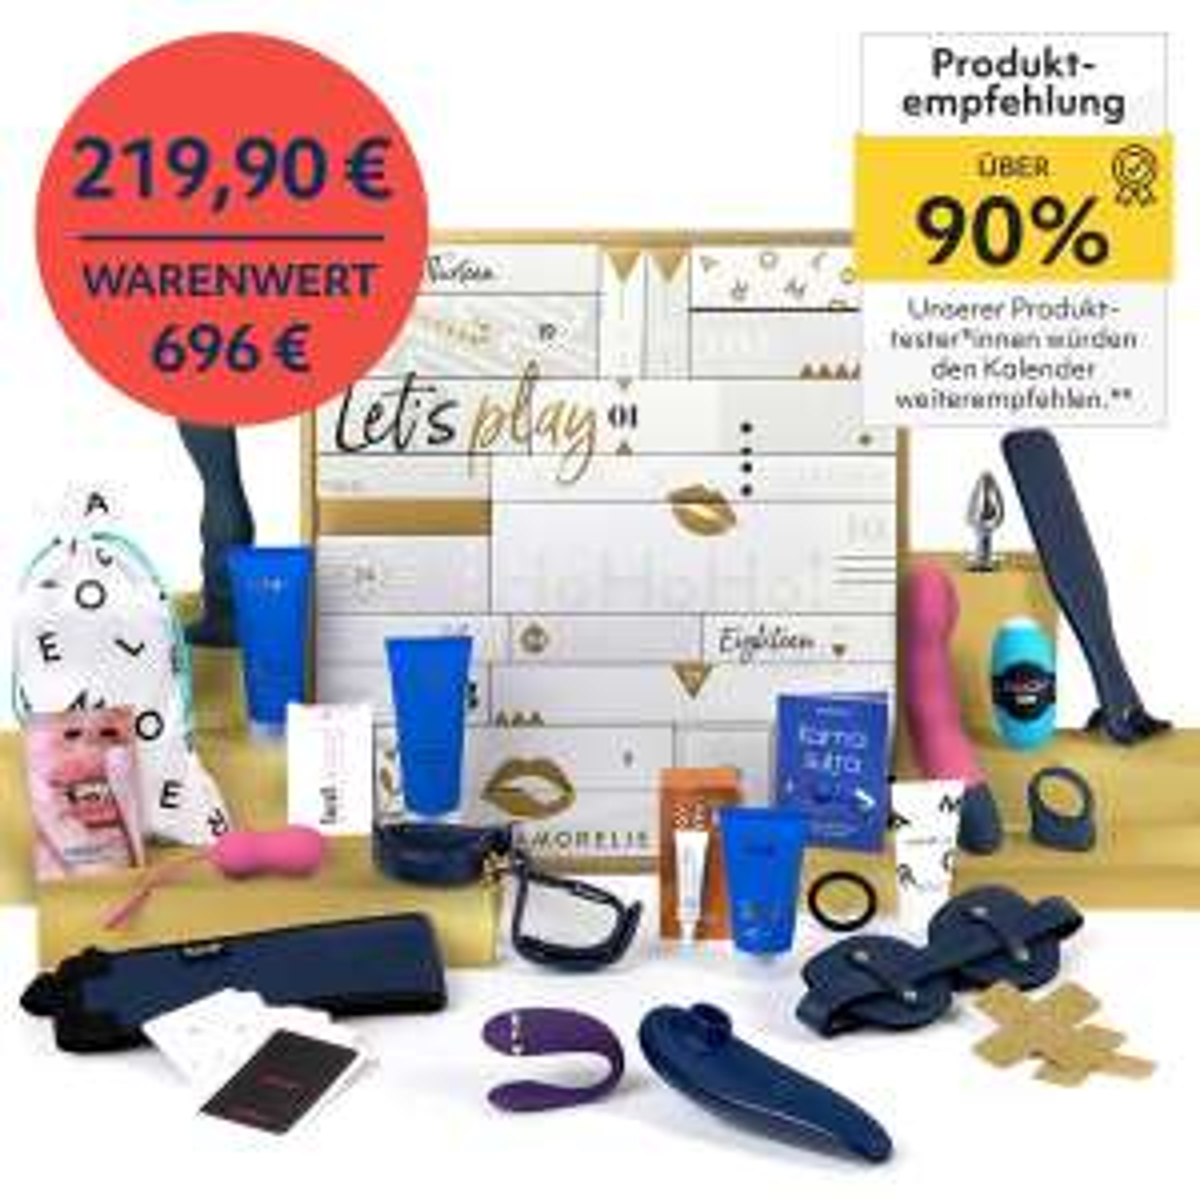 Amorelie Adventskalender 2020 - Luxury (wenige verfügbar)